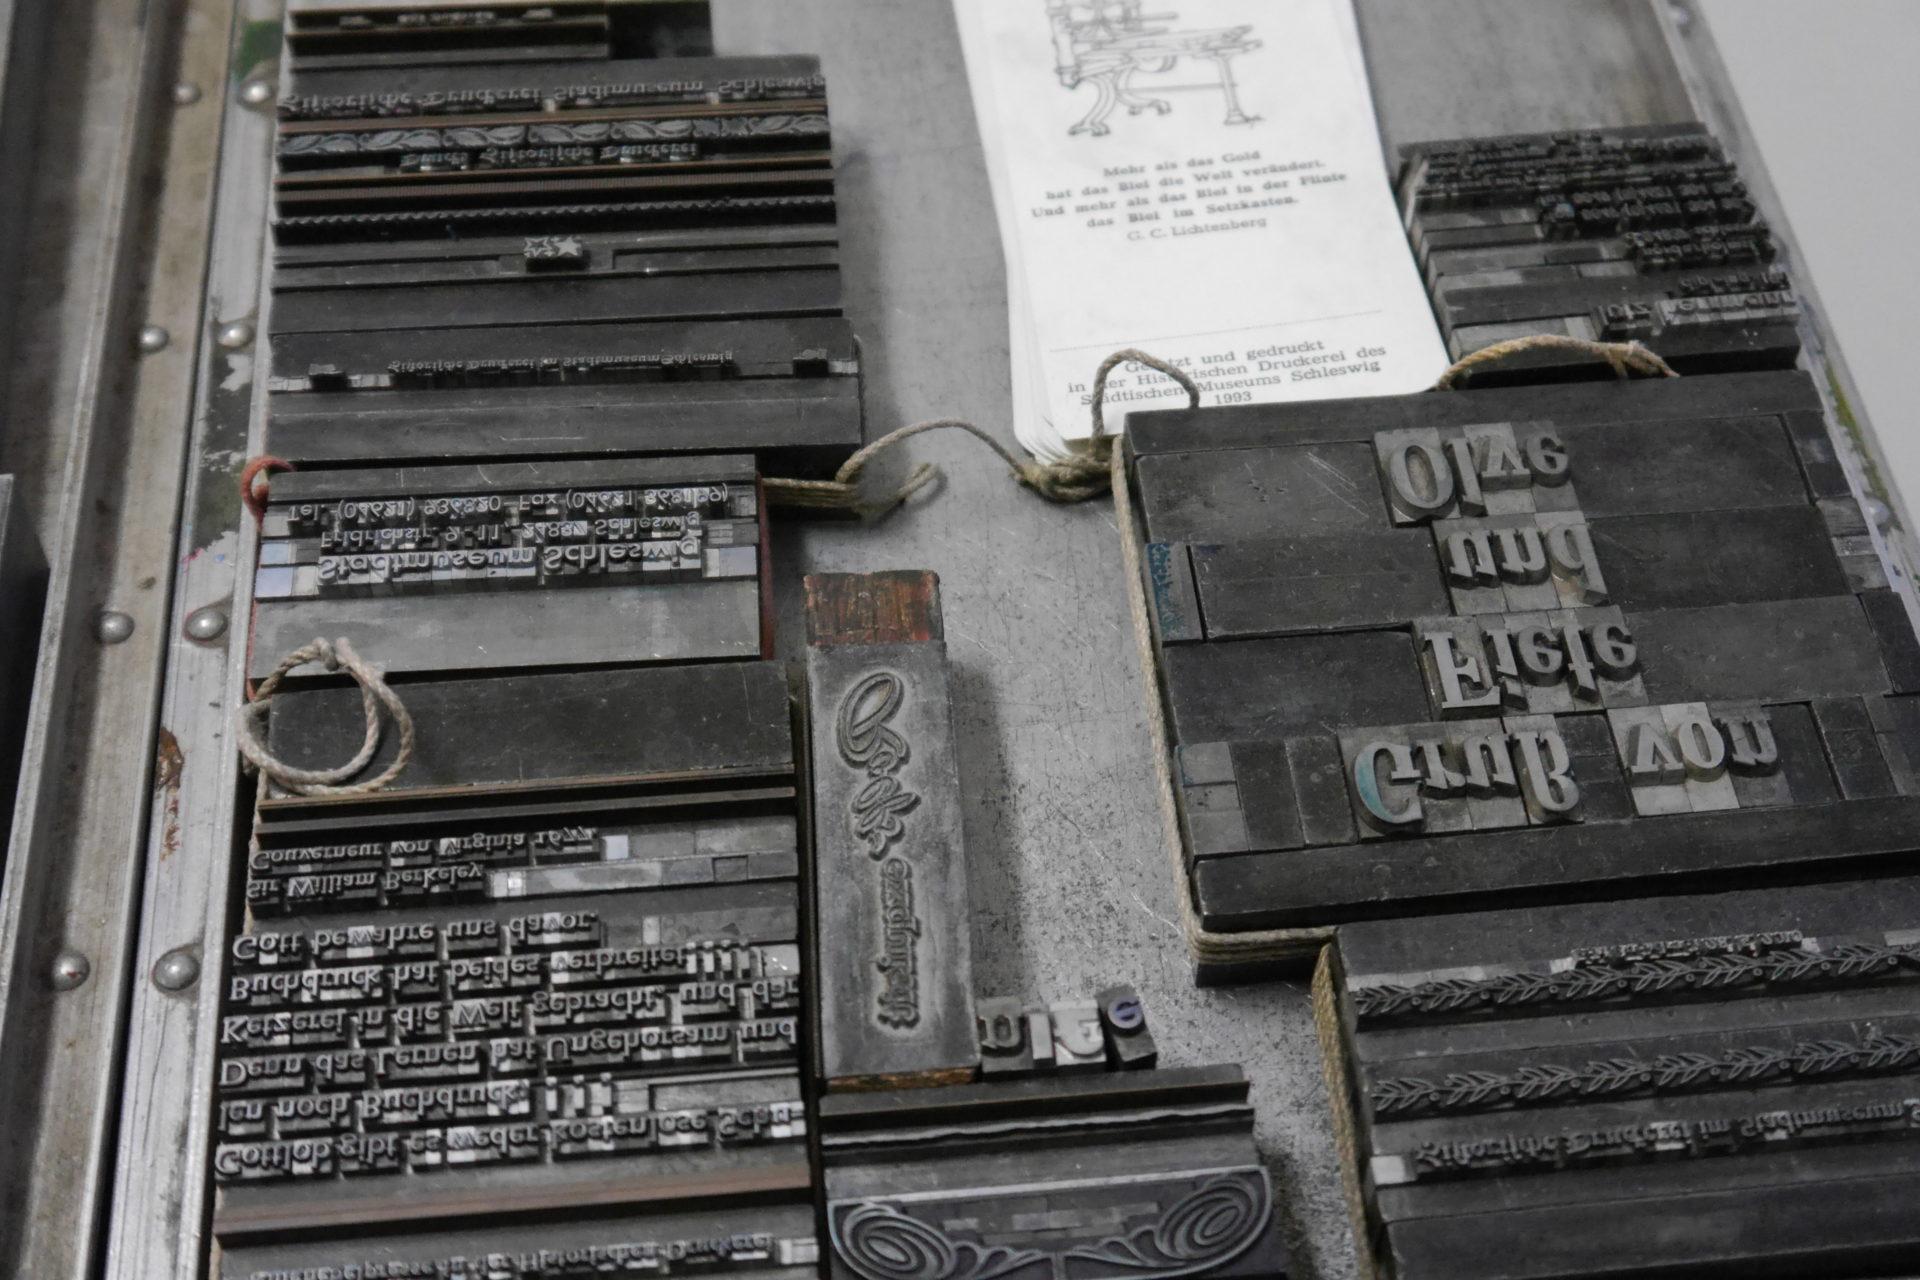 Le Salon de l'imprimerie et de l'art du livre de Hambourg